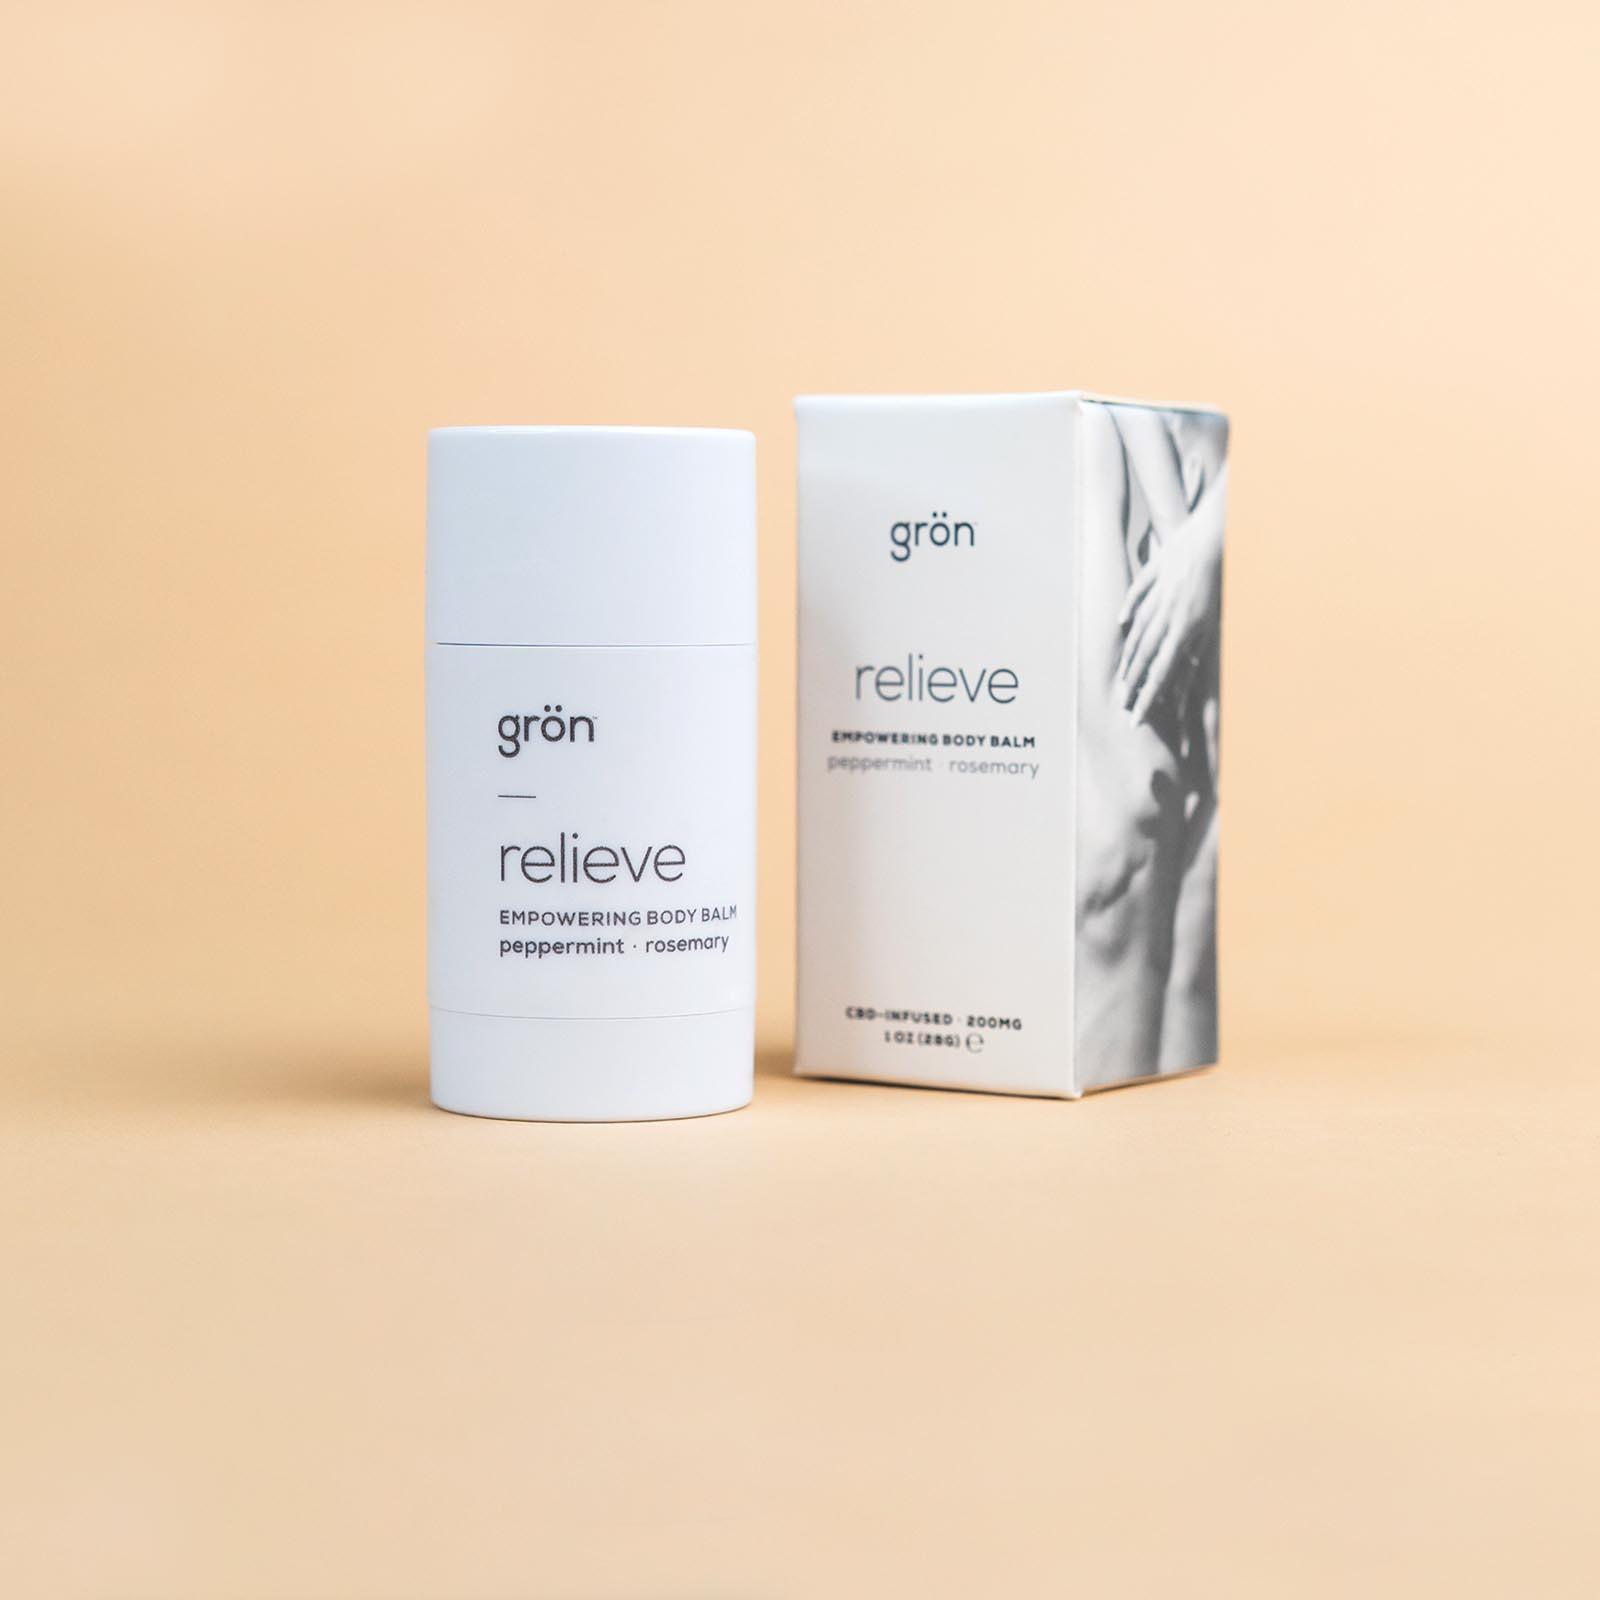 グロン ボディ バーム /relieve: empowering body balm